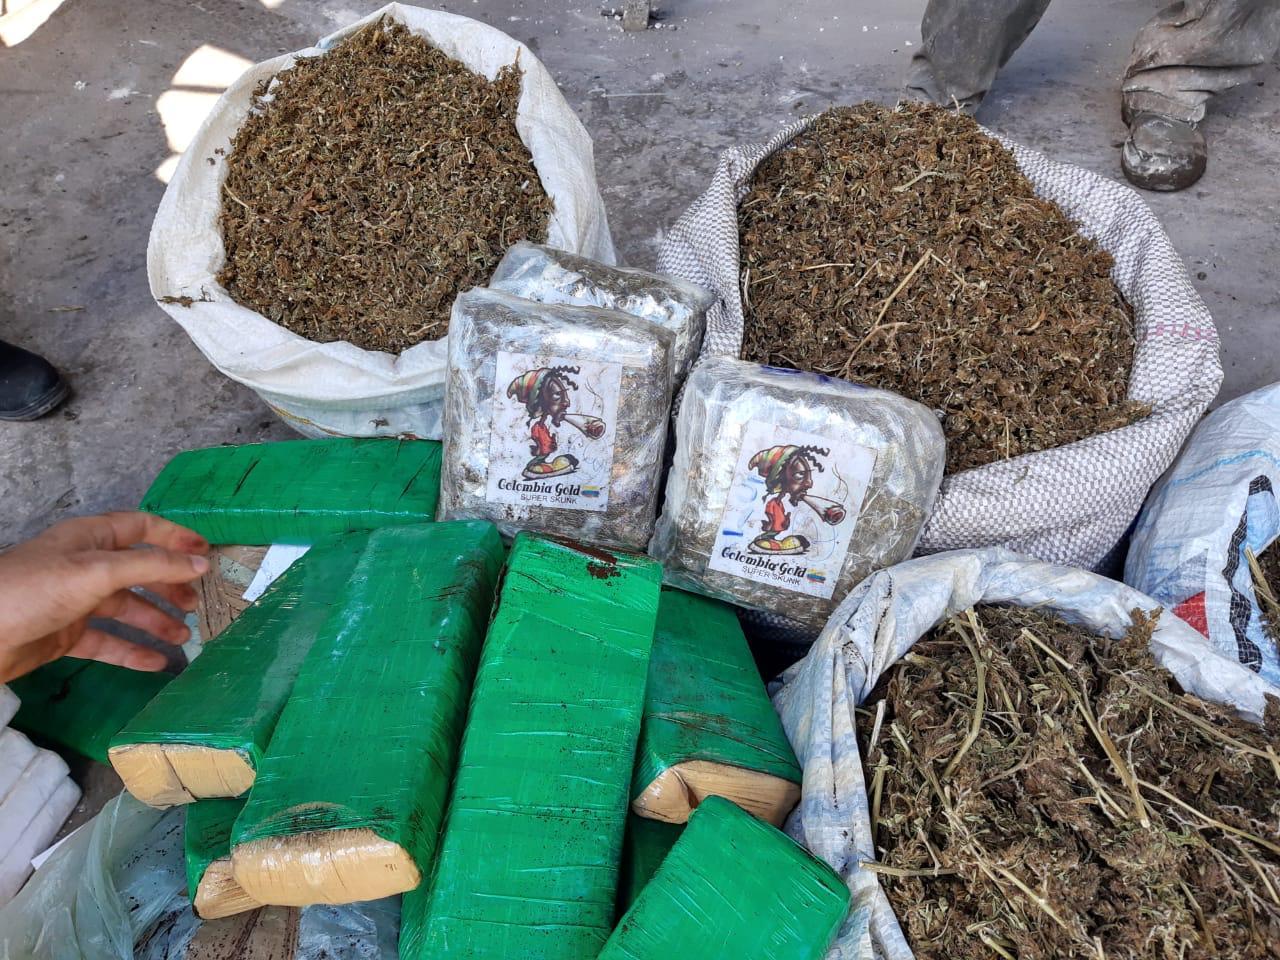 Polícia Civil incinera mais de 180kg de drogas apreendidas na região